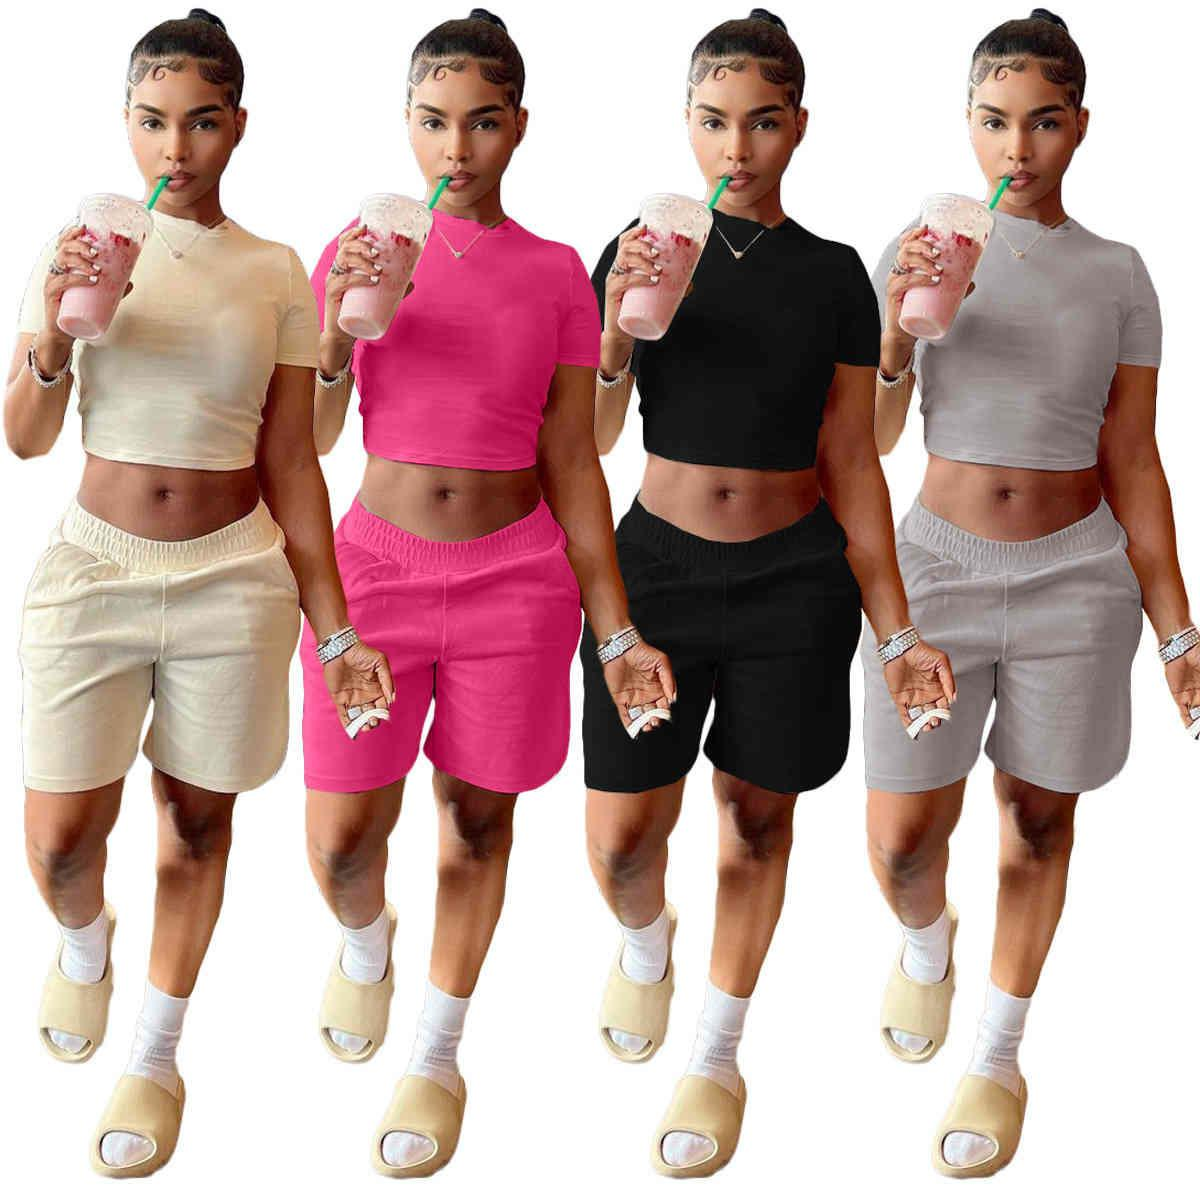 Летние женщины Короткие наряды Мода Повседневная Сплошная Цвет Футболка Шорты Буксировки Кусочки Комплект Комплект Главная Спортивный костюм 1224